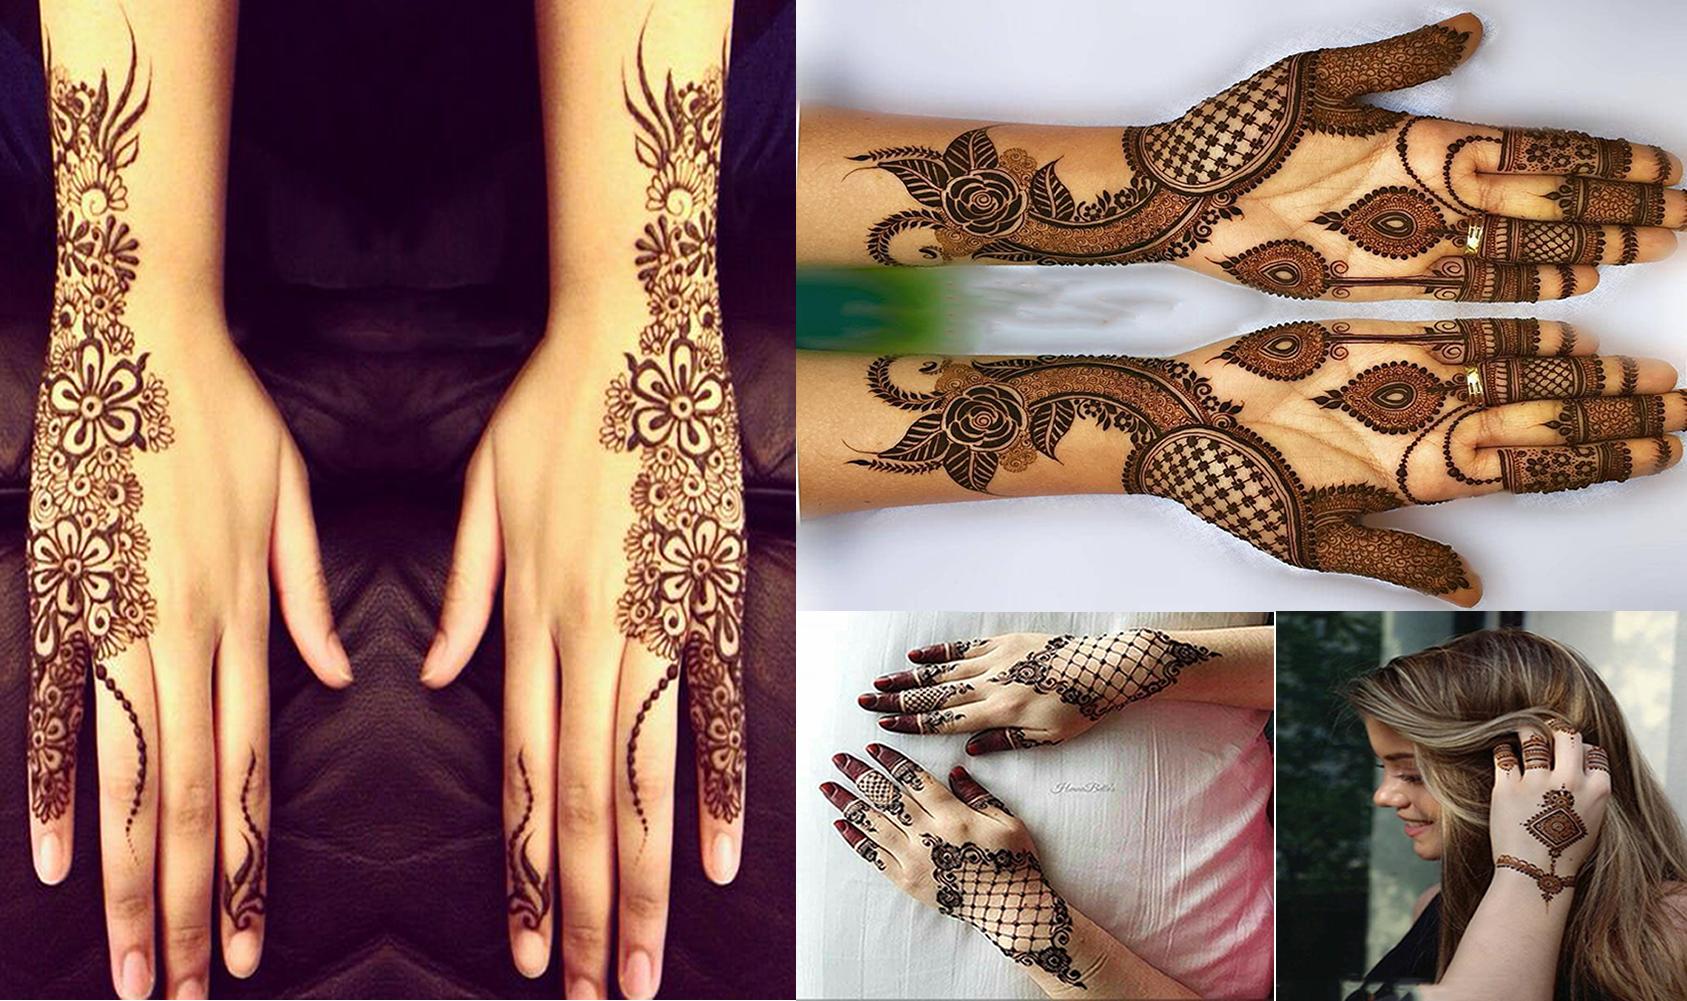 Fancy Mehndi pattern for hands